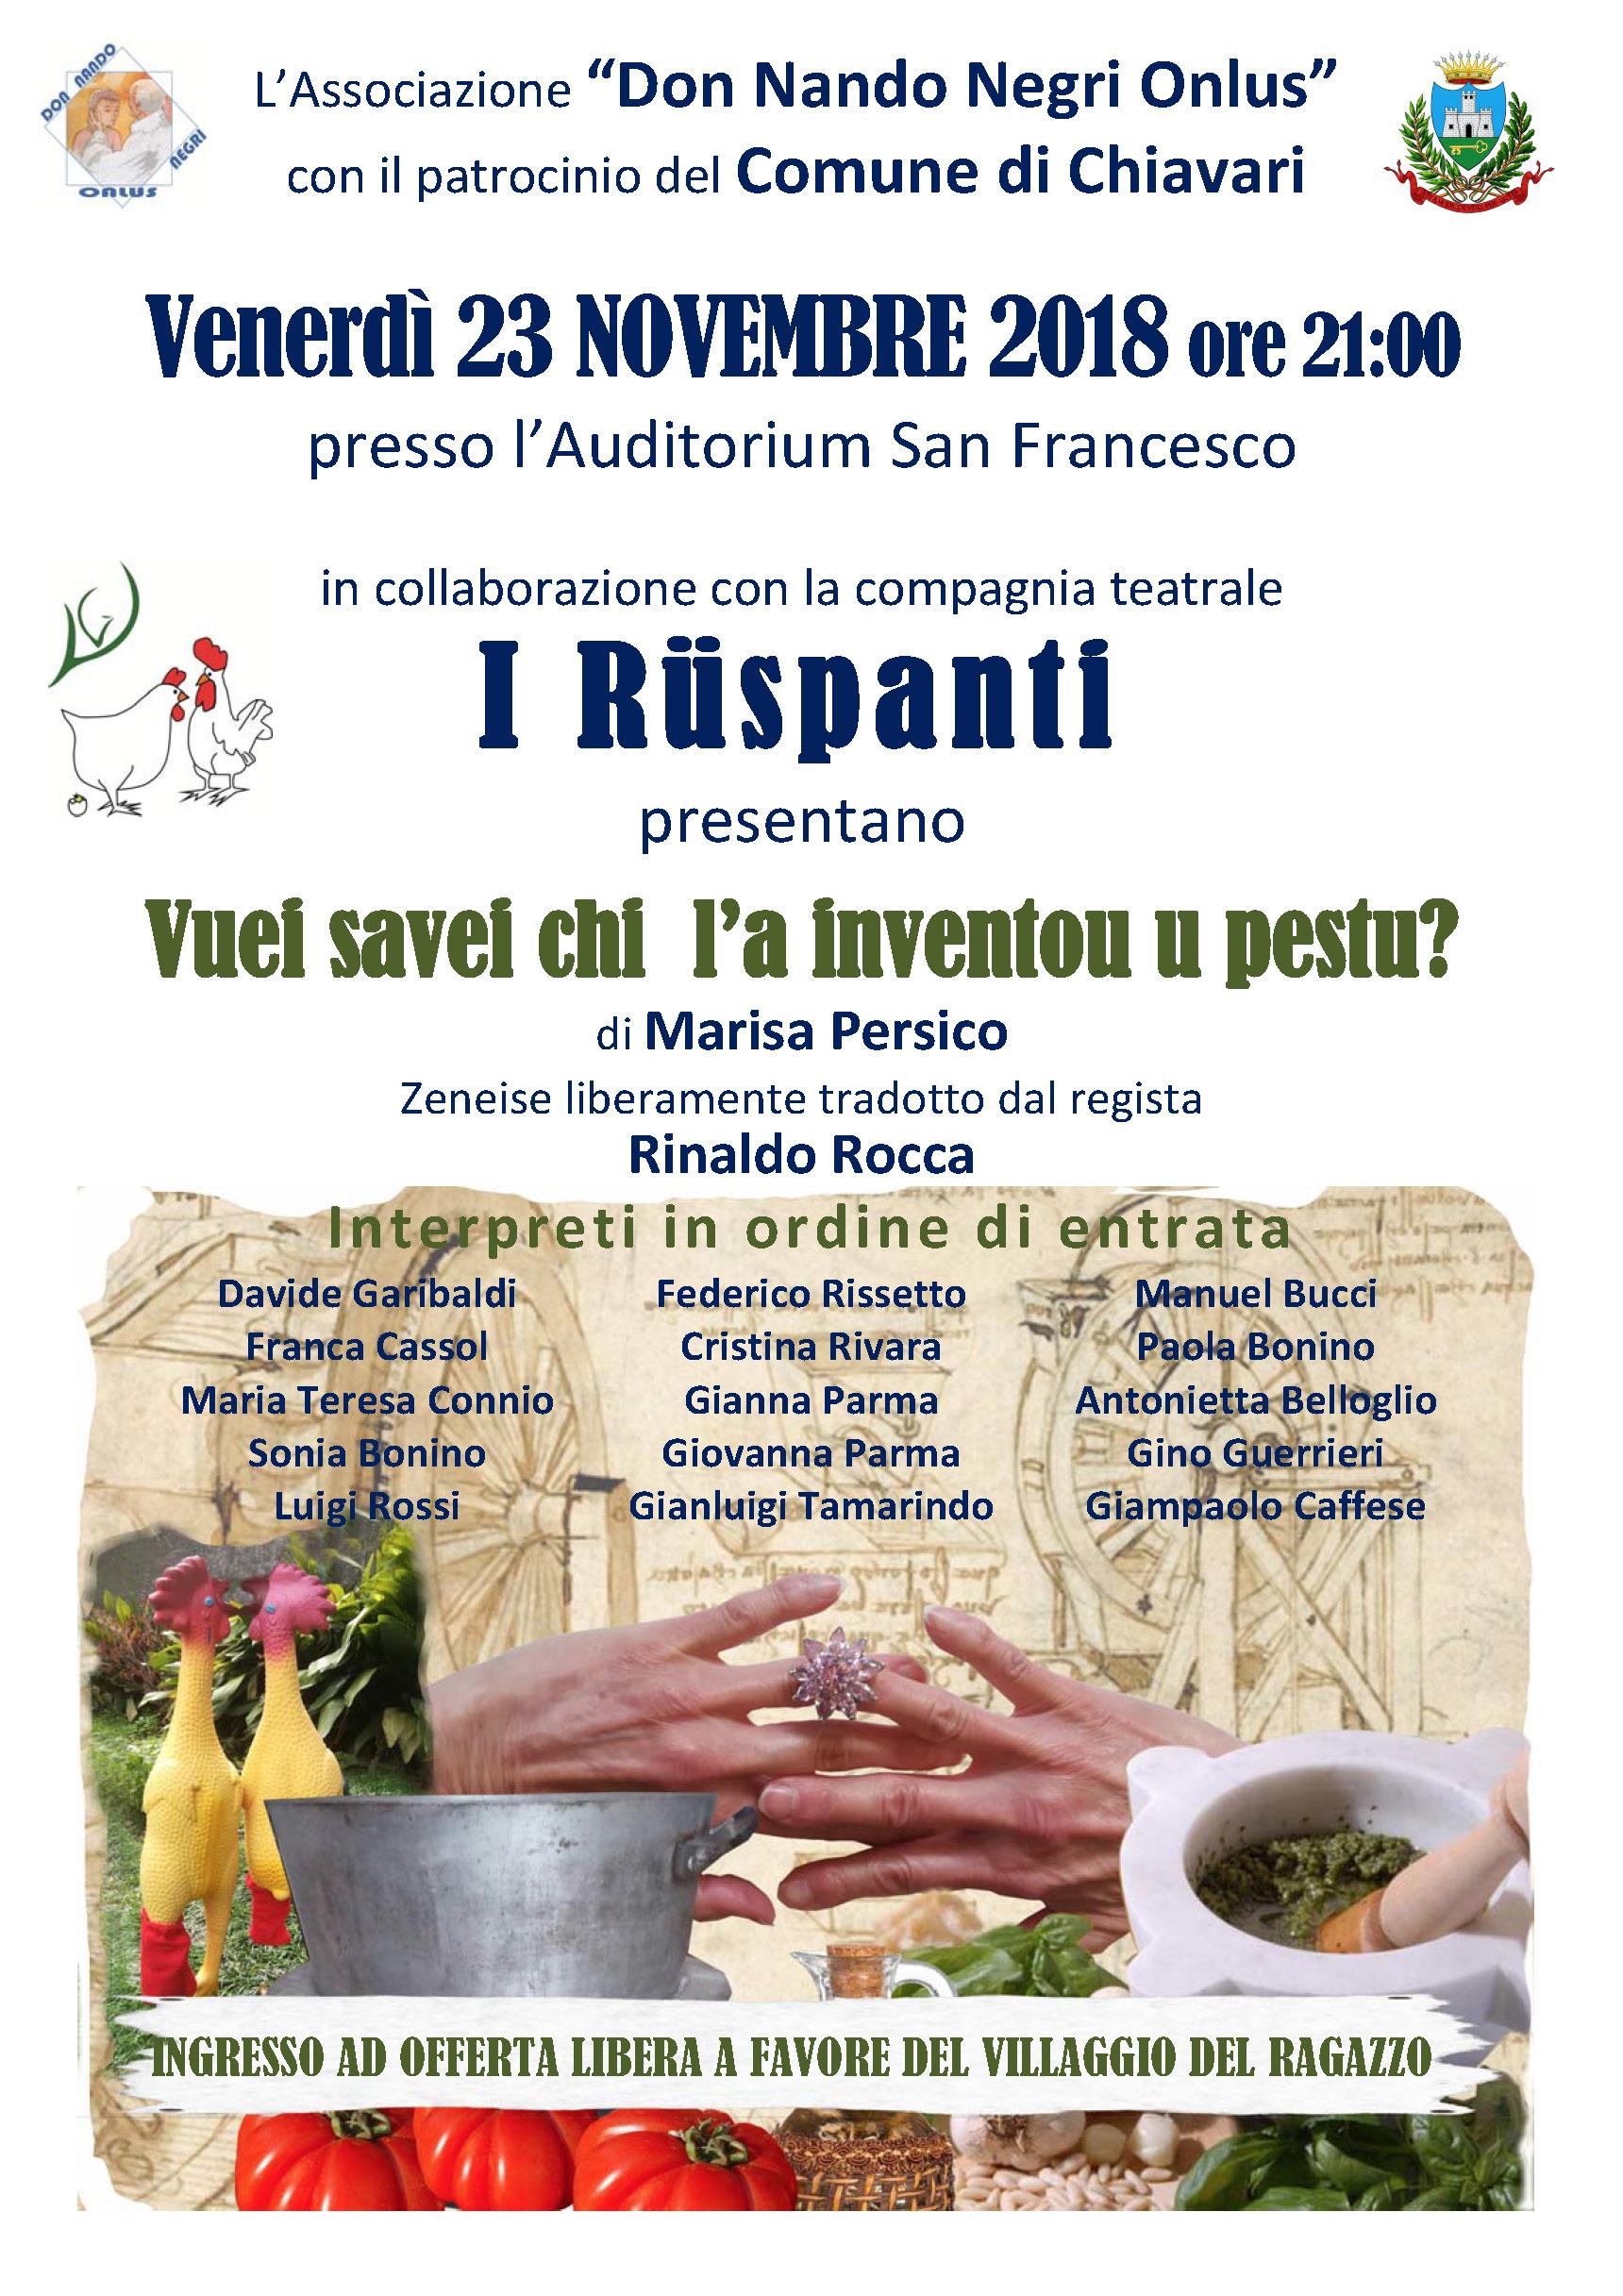 I Ruspanti - Vuei savei chi l'a inventou u pestu - Chiavari 2018.11.23